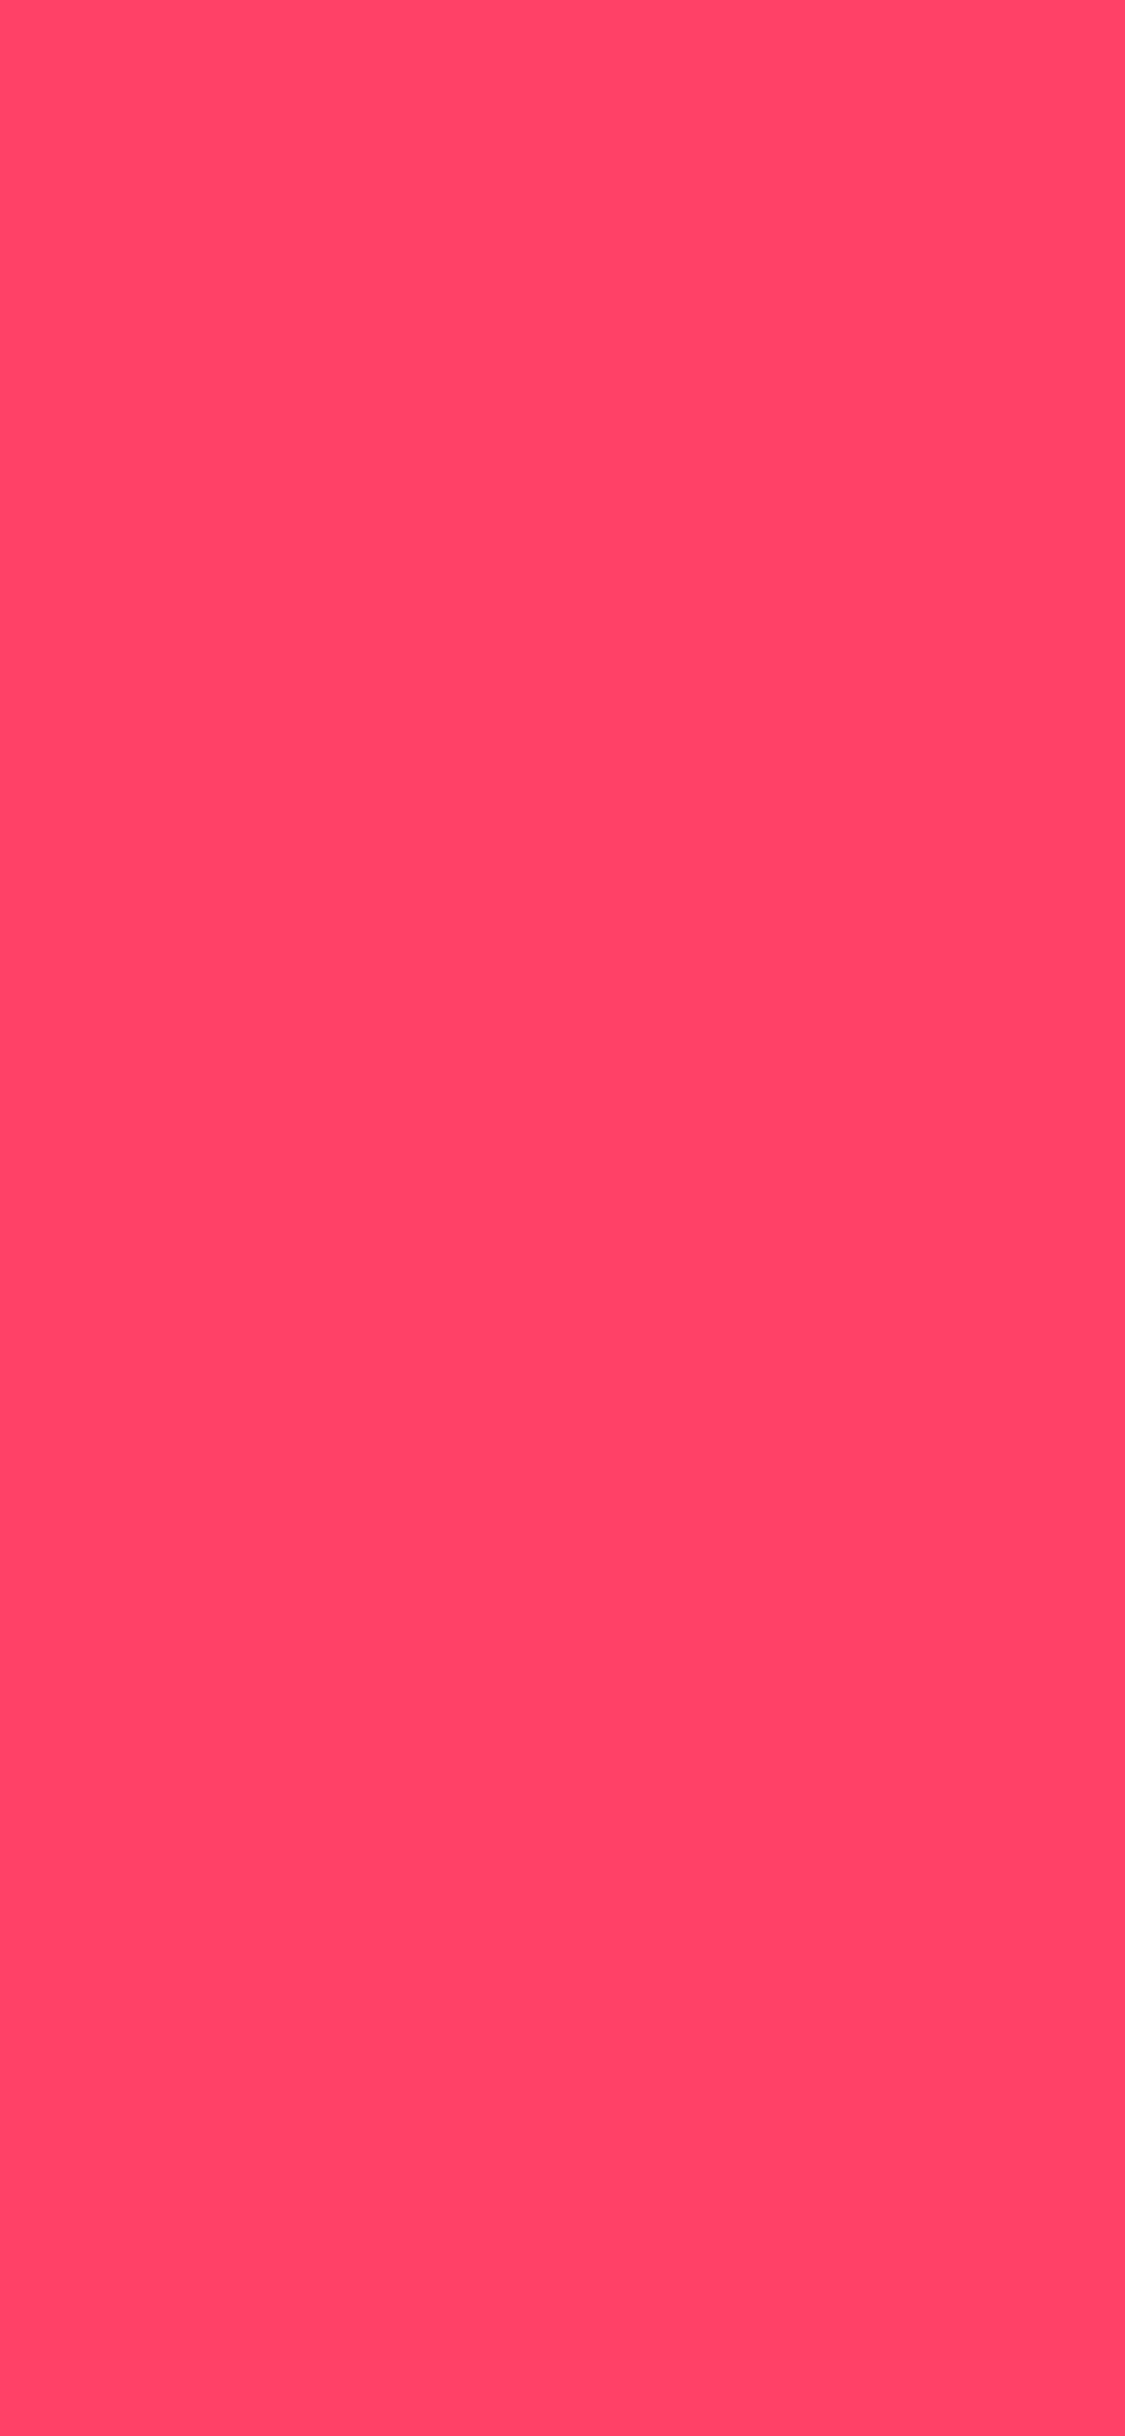 1125x2436 Neon Fuchsia Solid Color Background